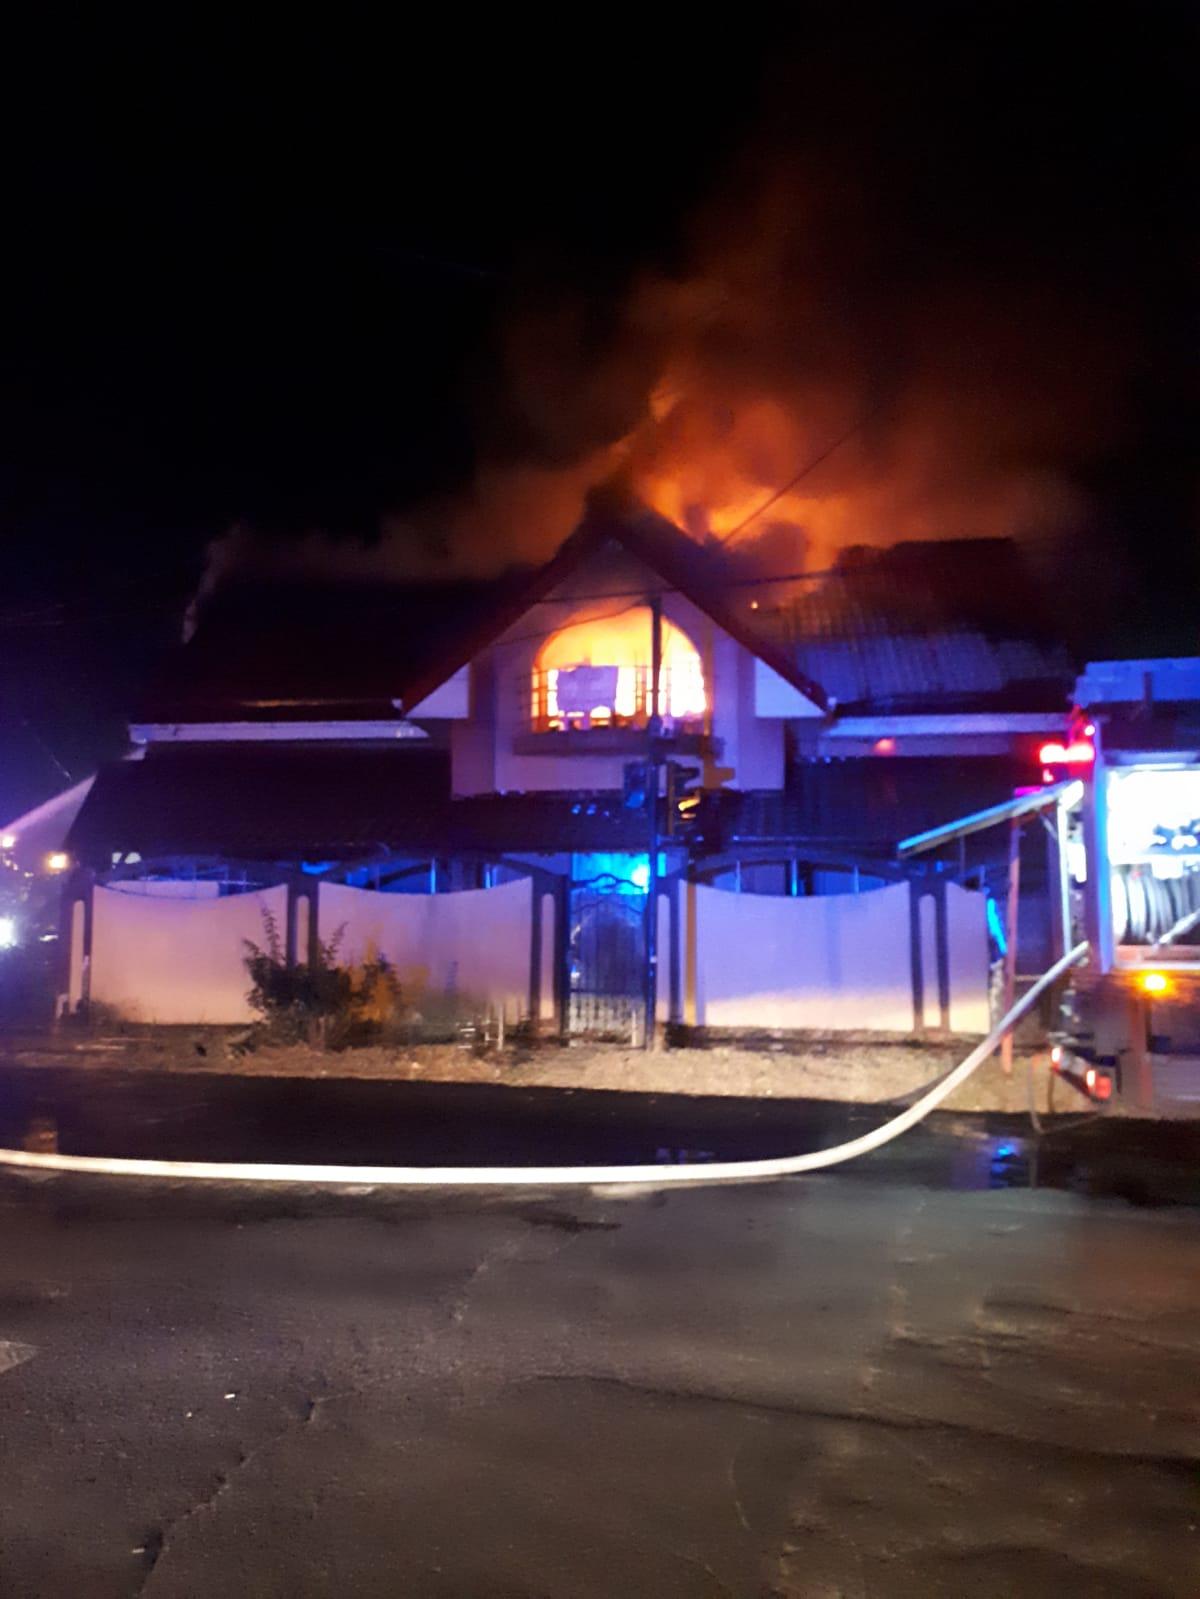 Incendiu la o vilă din Roşiorii de Vede.  Pompierii spun că focul a fost pus intenţionat. Poliţiştii au preluat cazul